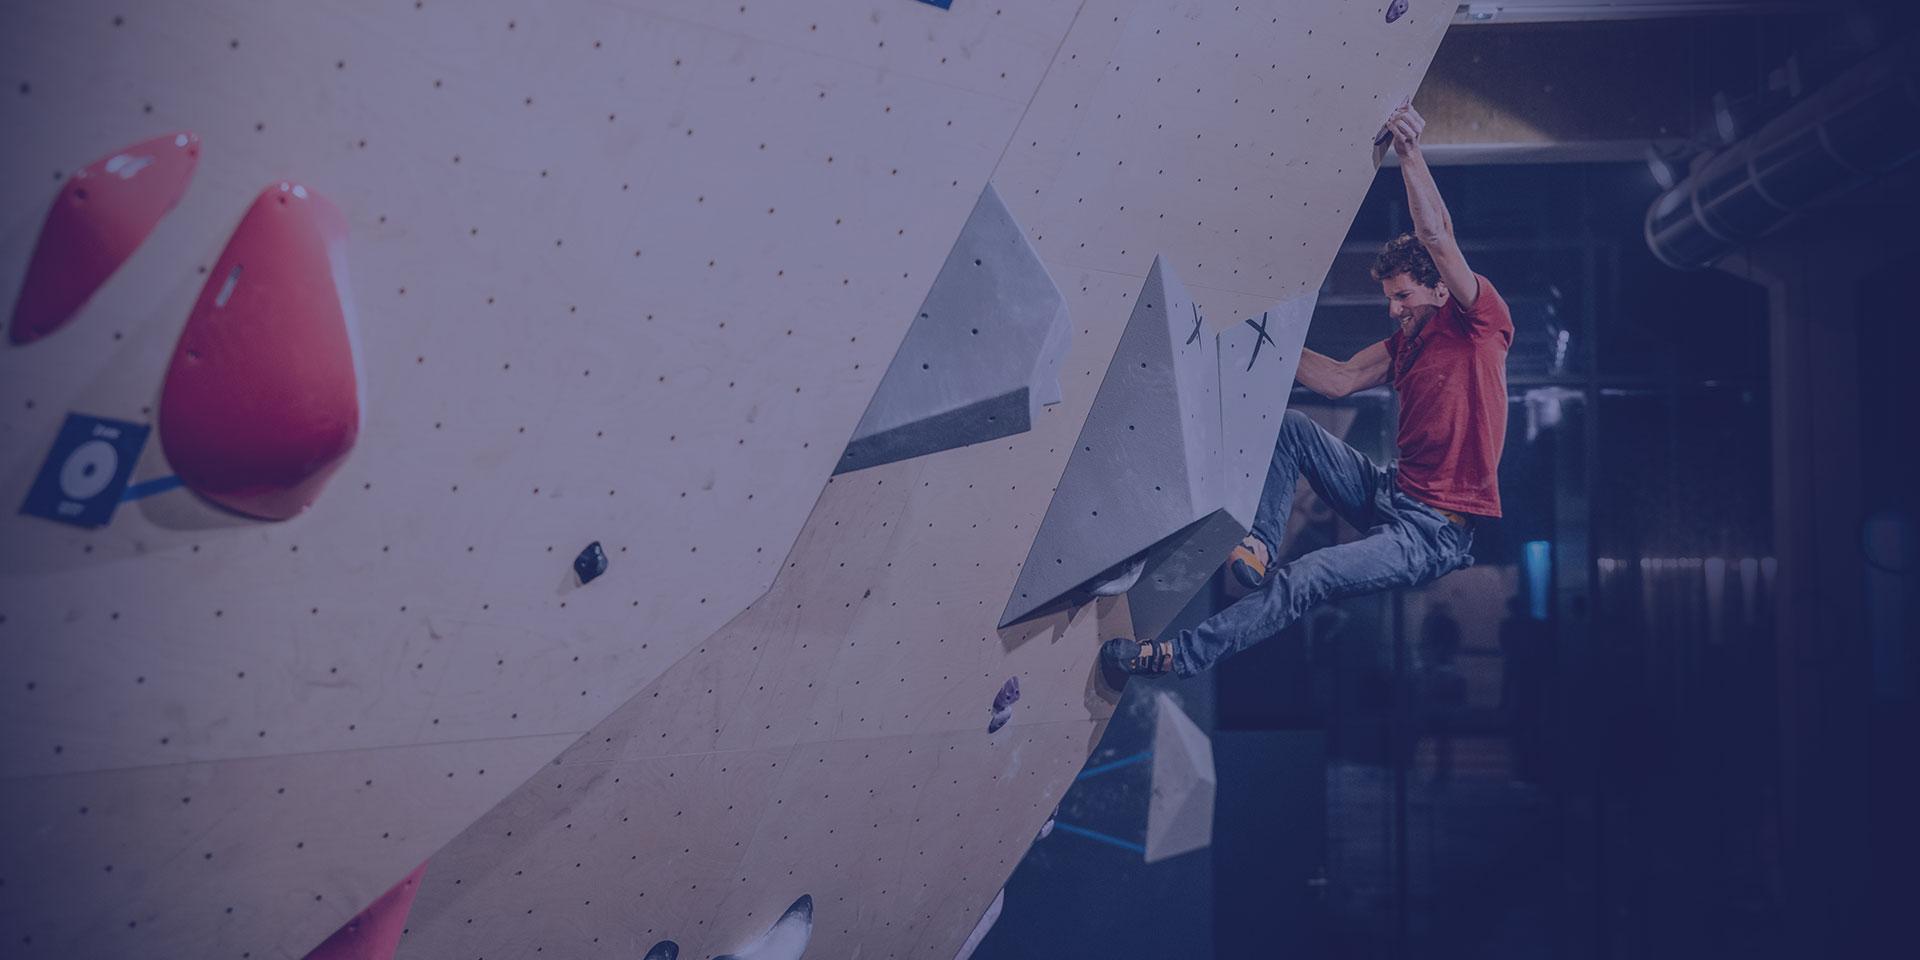 Dégel ! L'abonnement anti-COVID-19 Climbing District